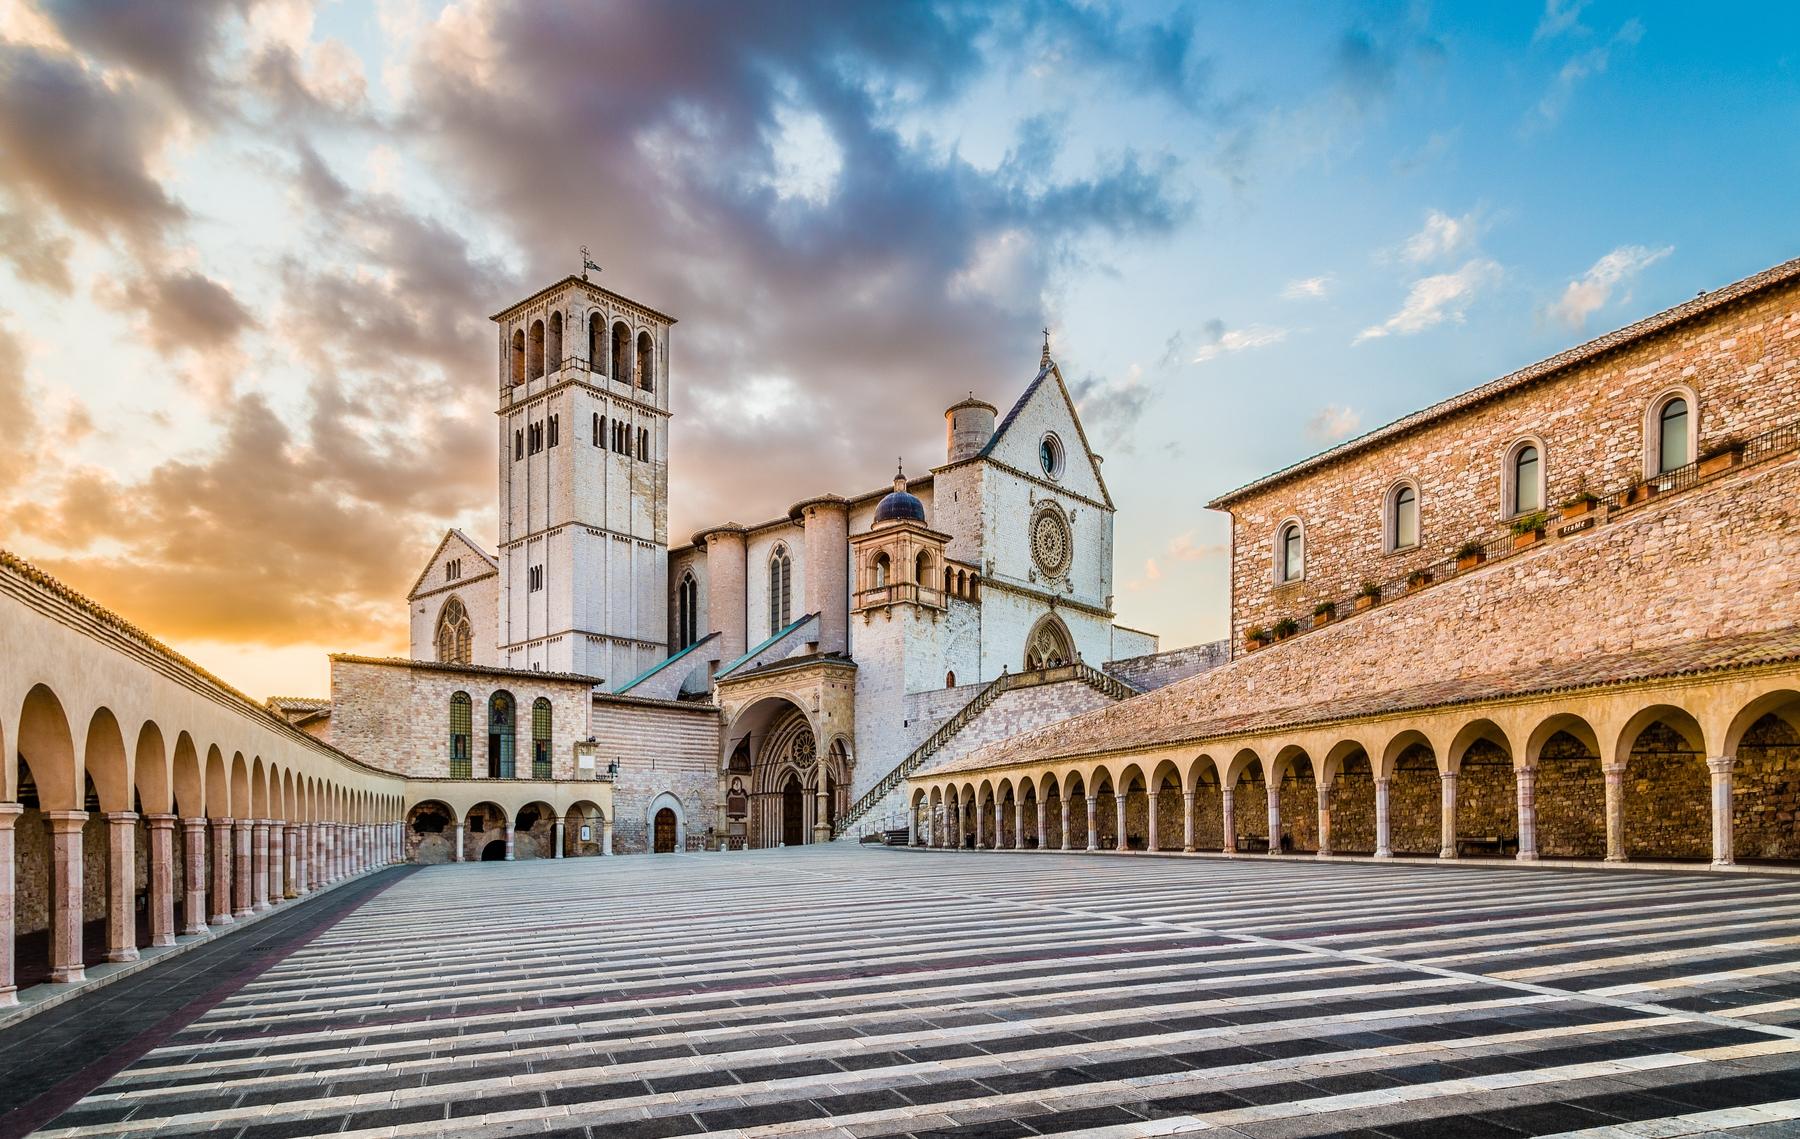 cosa visitare in Umbria: la città di Assisi